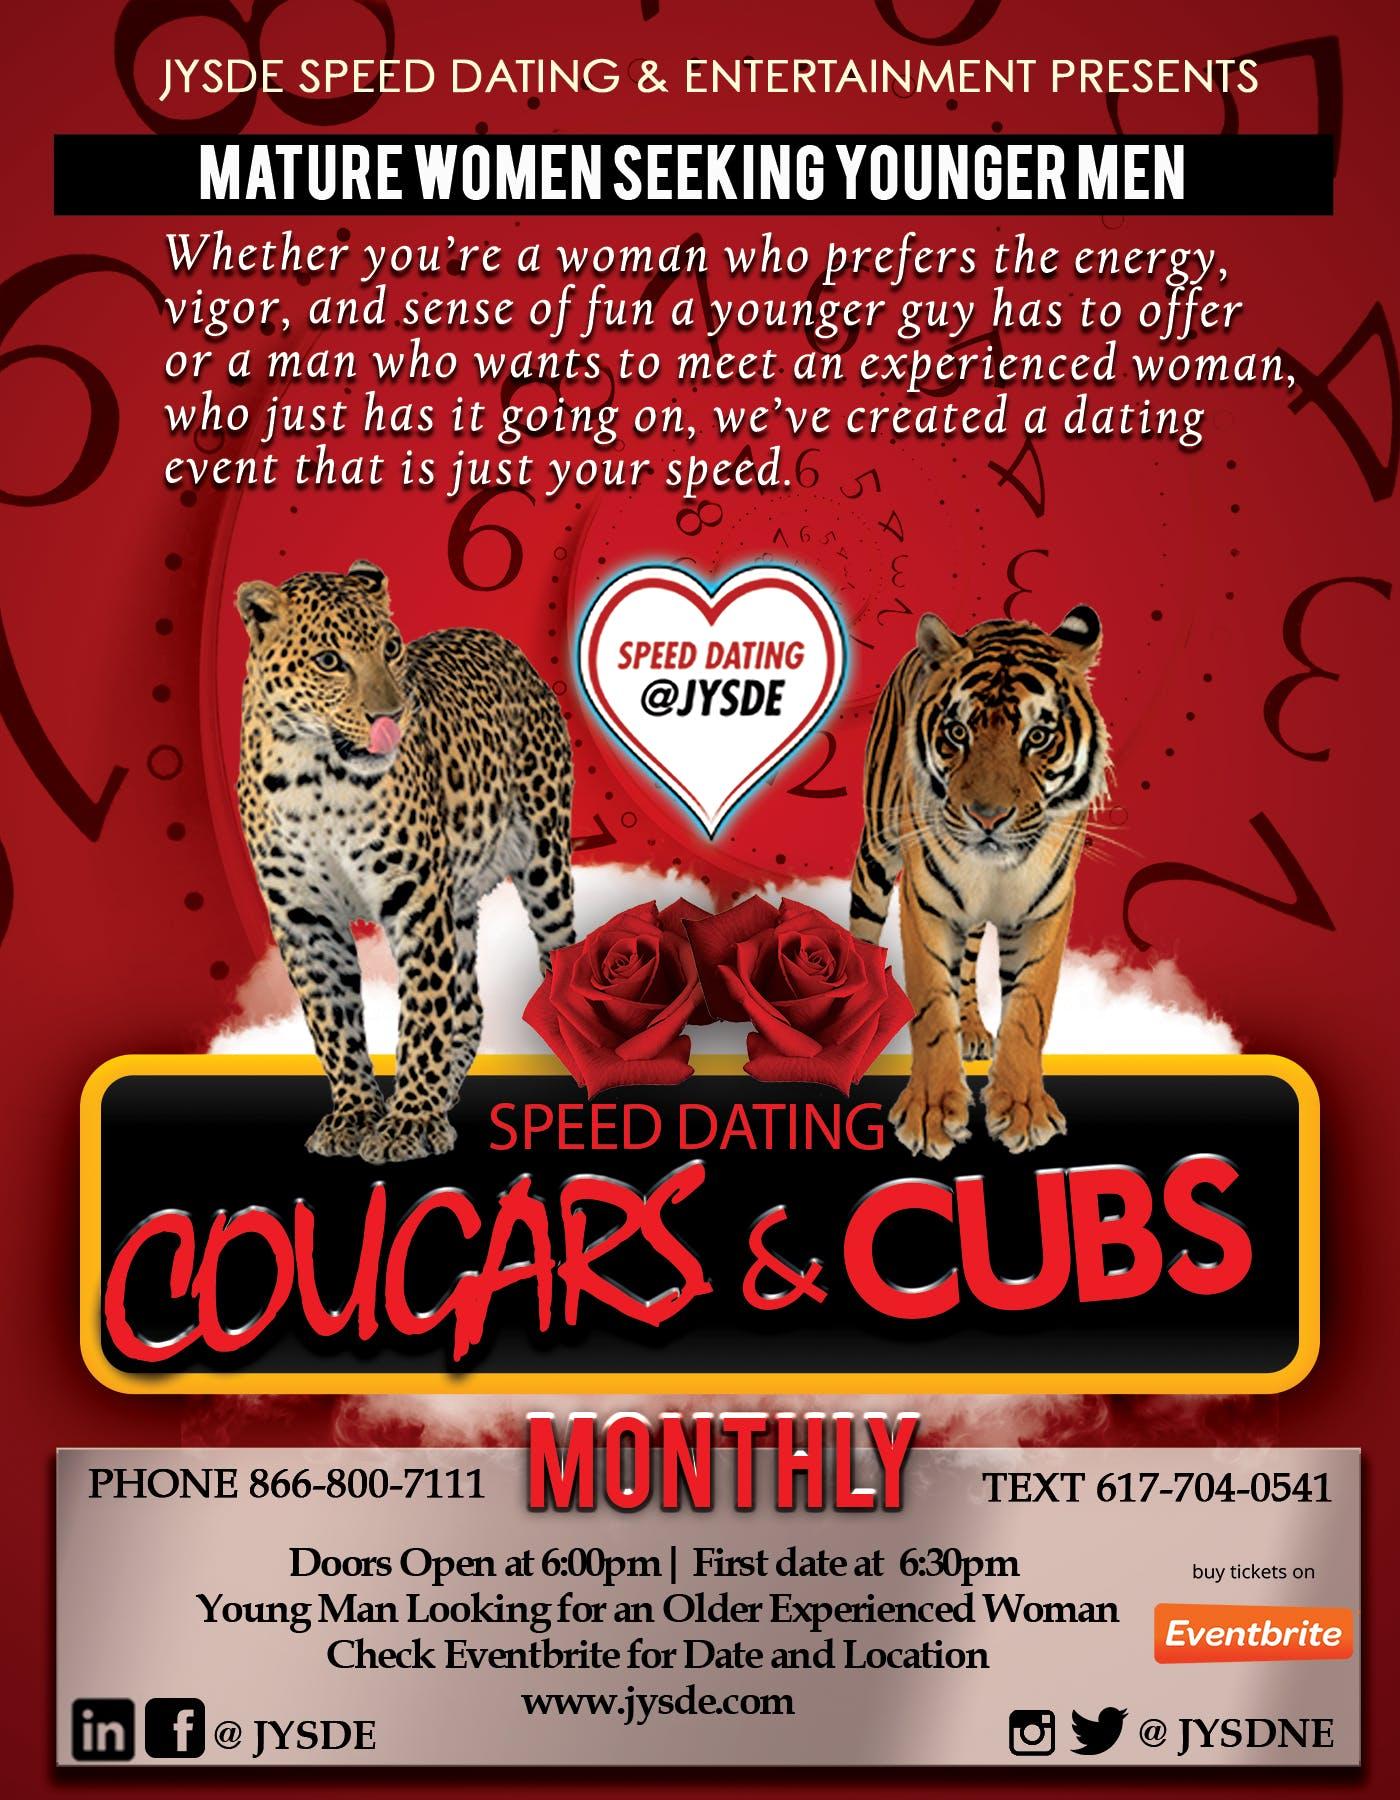 cougars seeking cubs